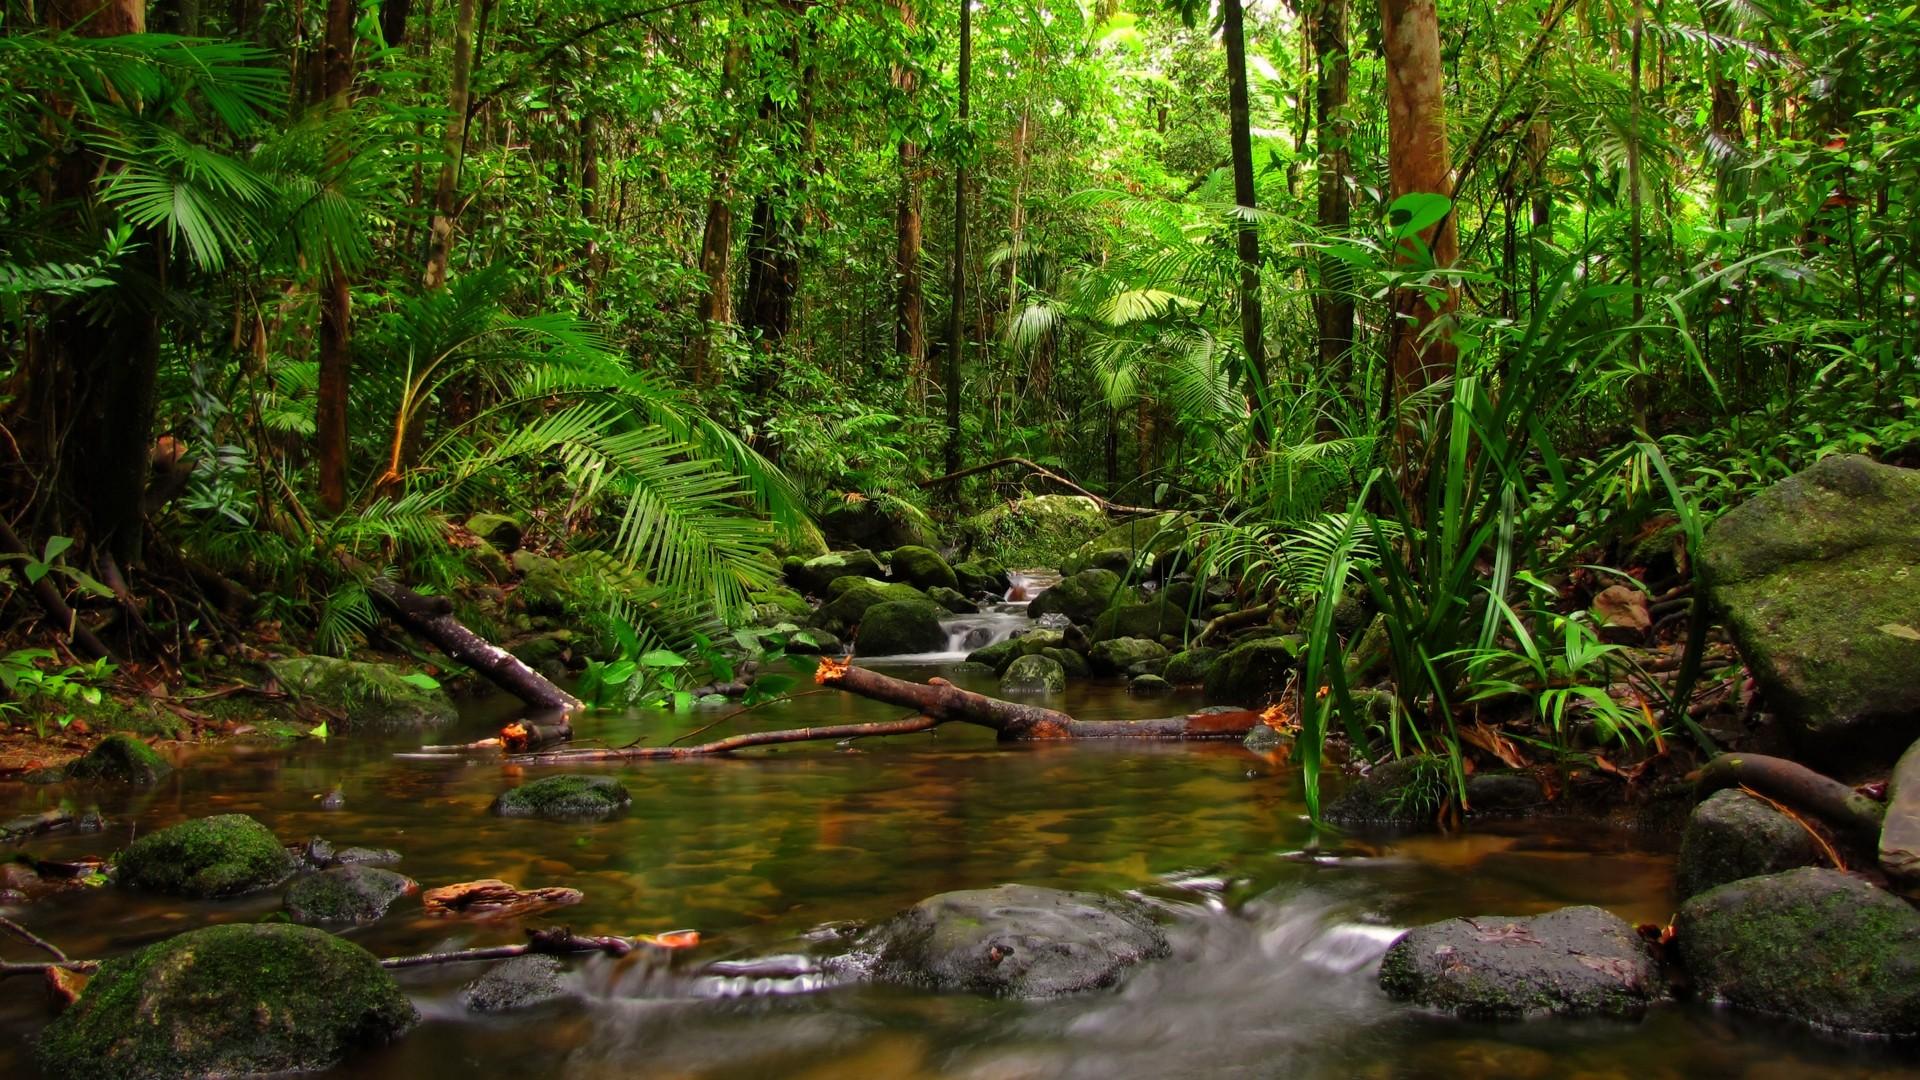 Hd wallpaper jungle - Hd Wallpaper Jungle Nature Jungle Wallpaper 1920x1080 Nature Jungle